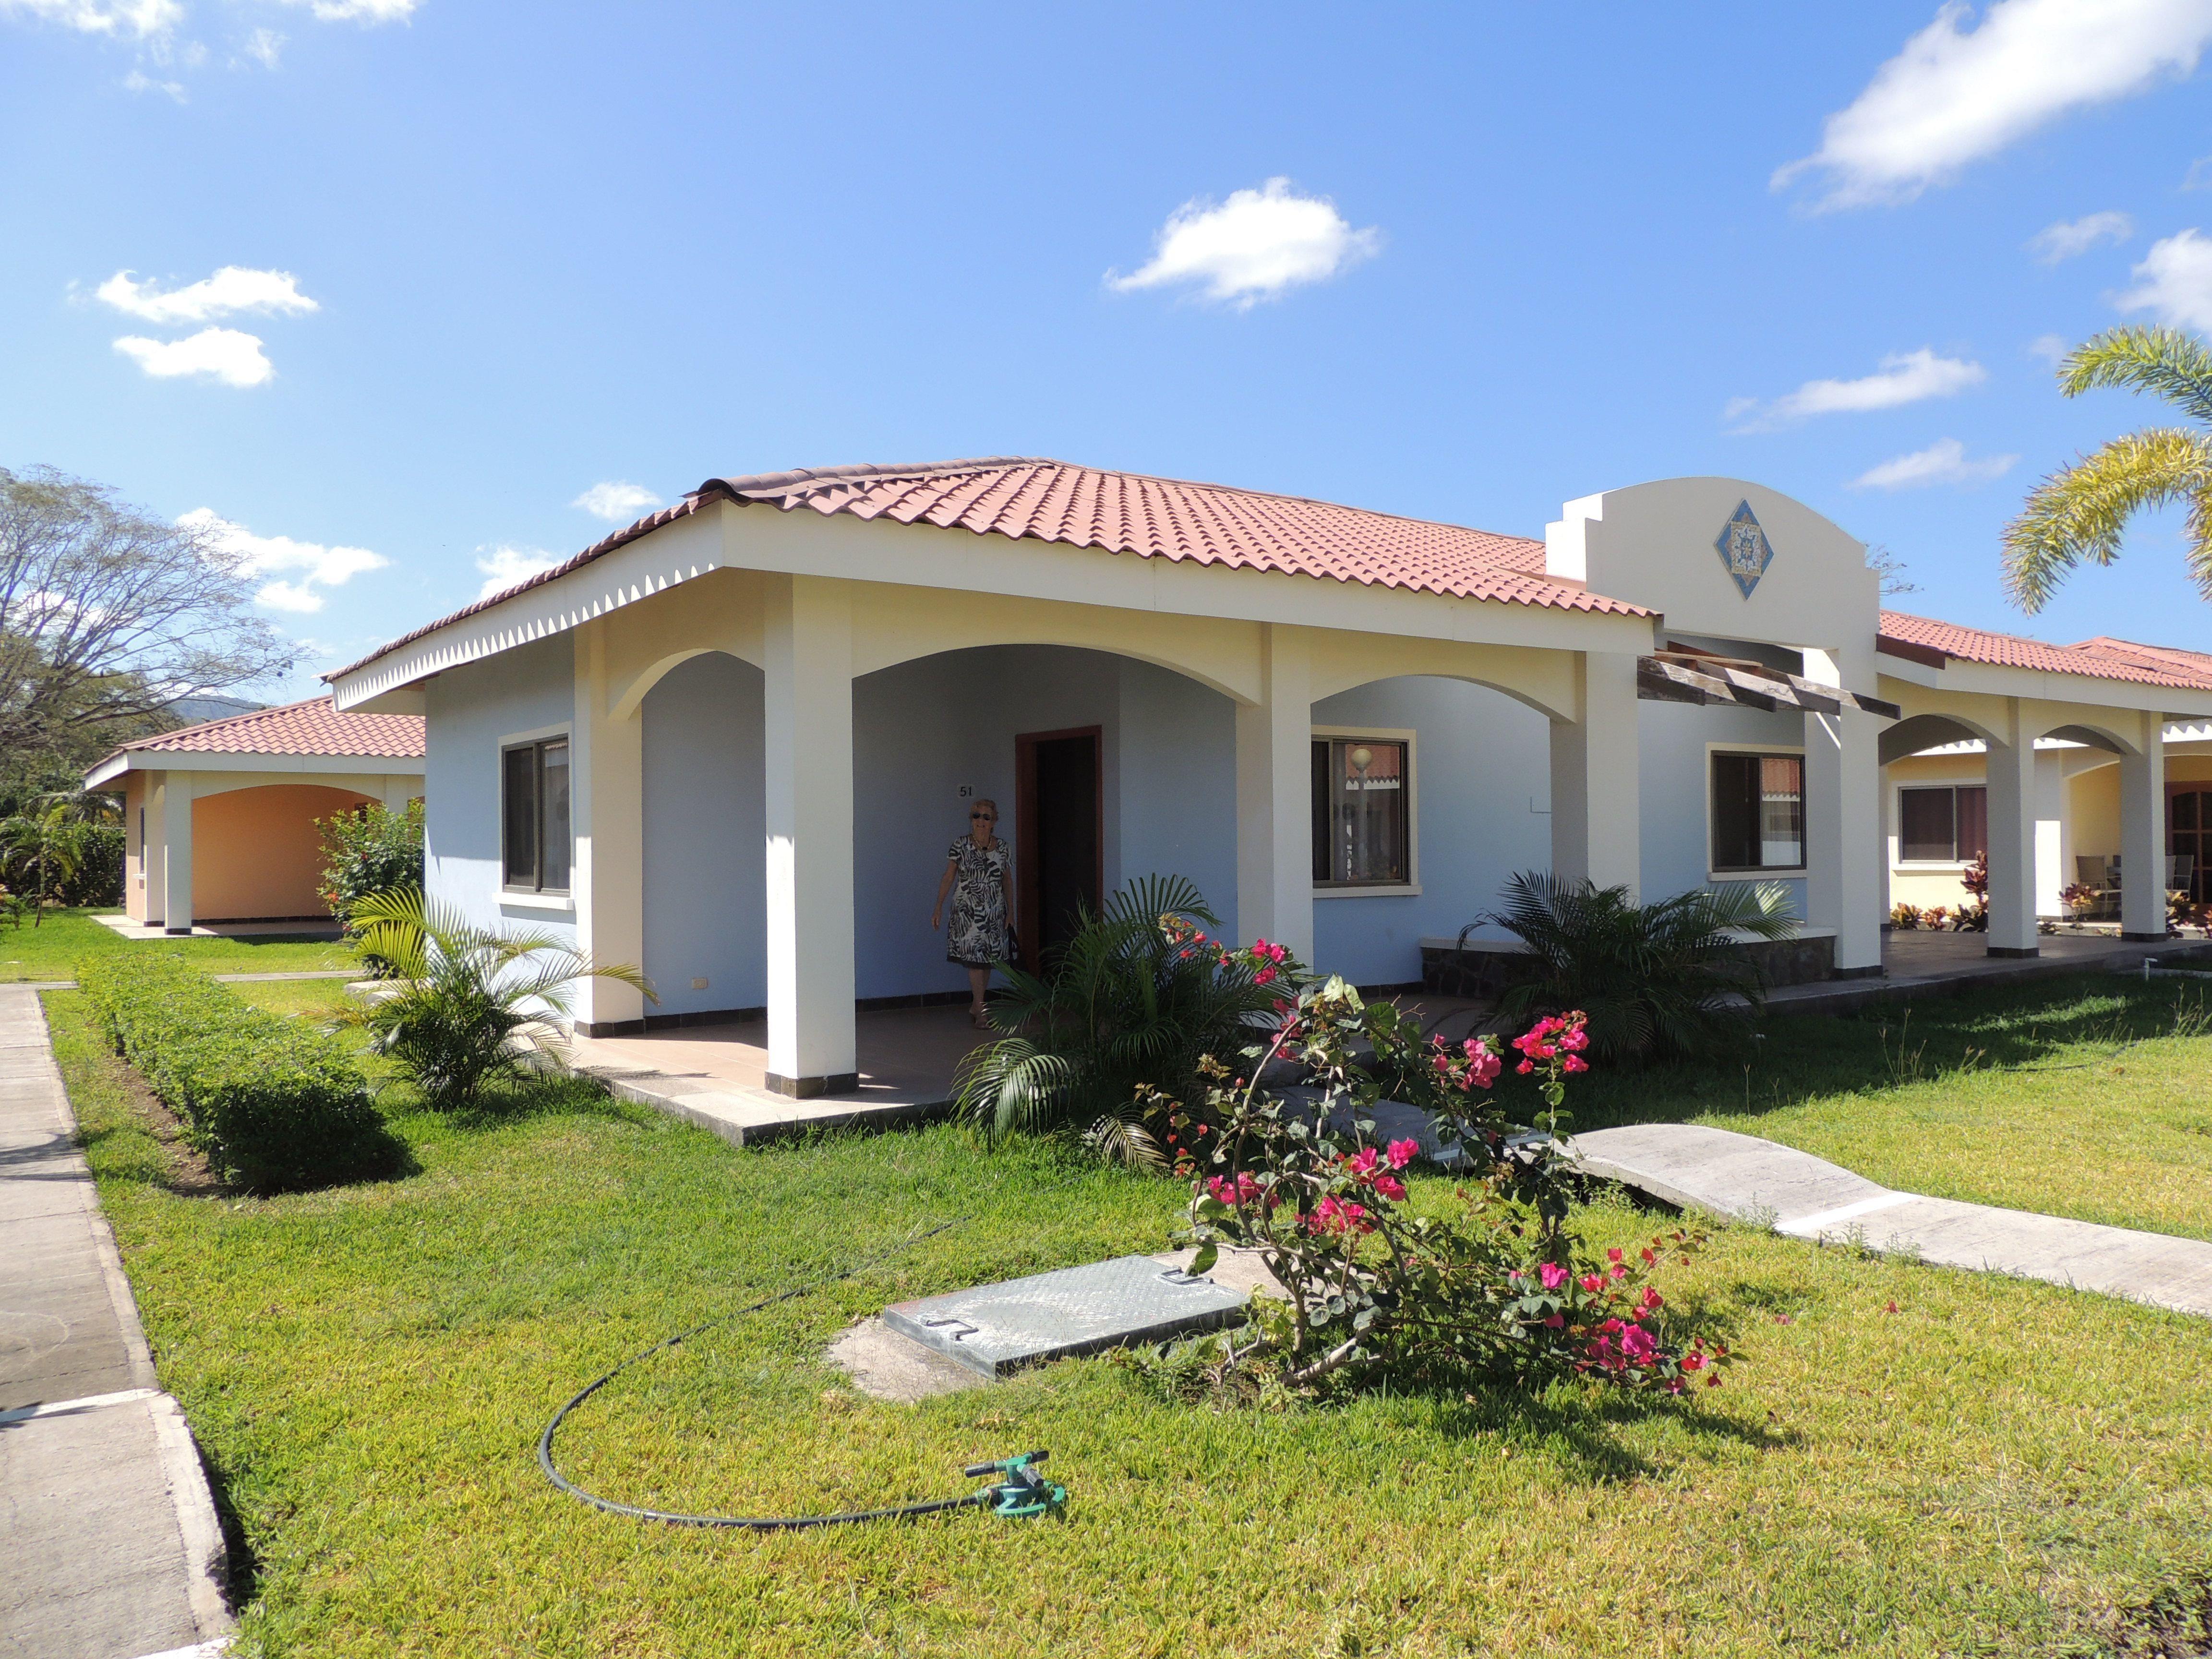 Vendita villa playa potrero guanacaste costa rica for Case affitto costa rica